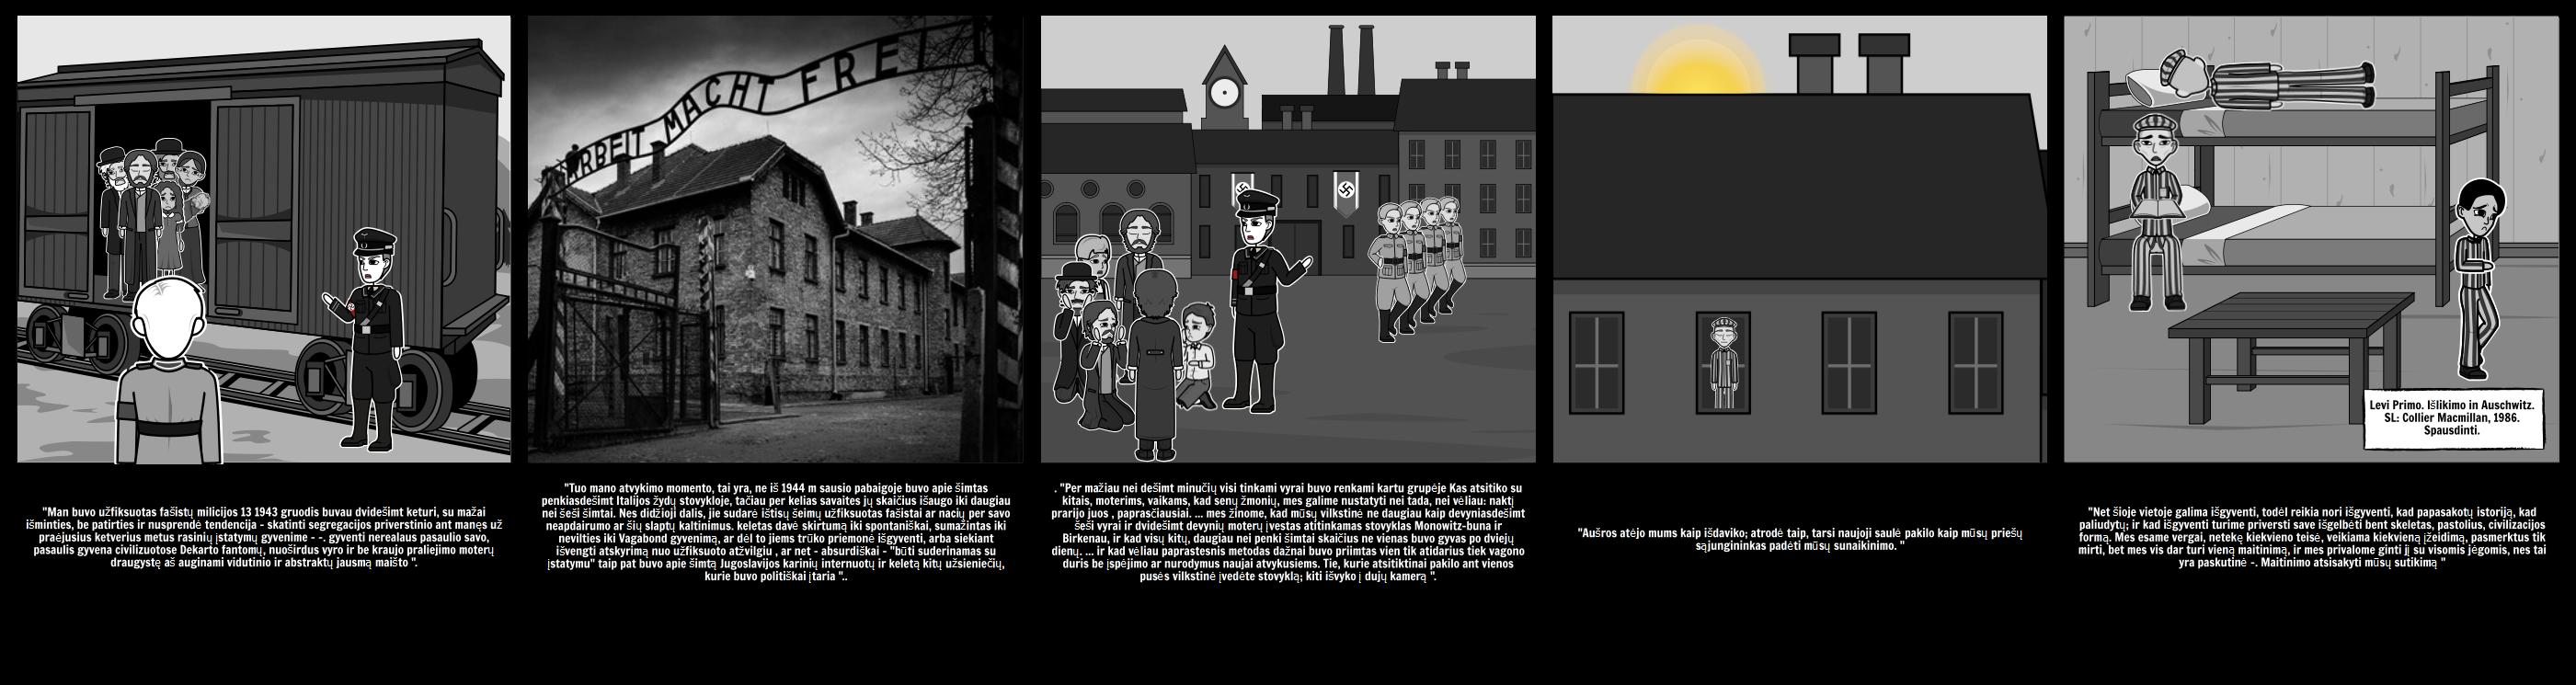 Holokausto Istorija - Holokausto Aukų: Primo Levy